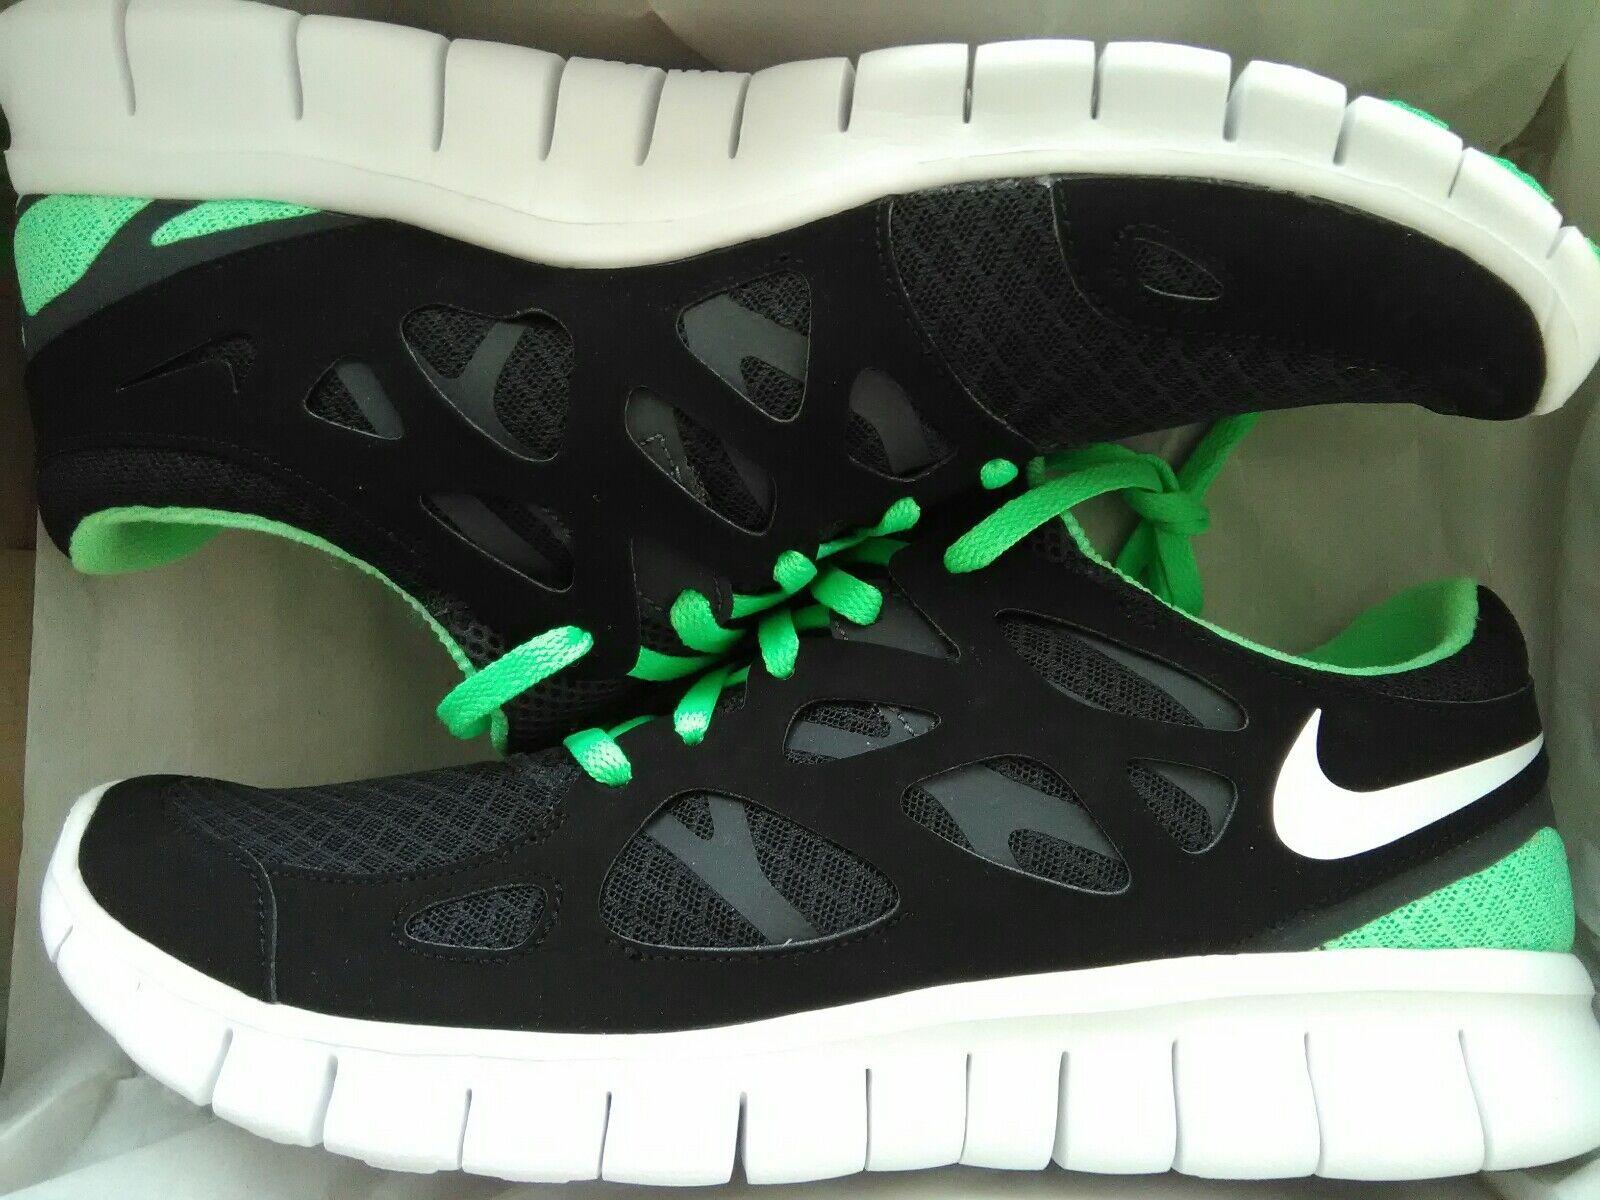 Nike libero e due scarpe nero taglia 9 sage verde nero scarpe nuovo Uomo 6be69d